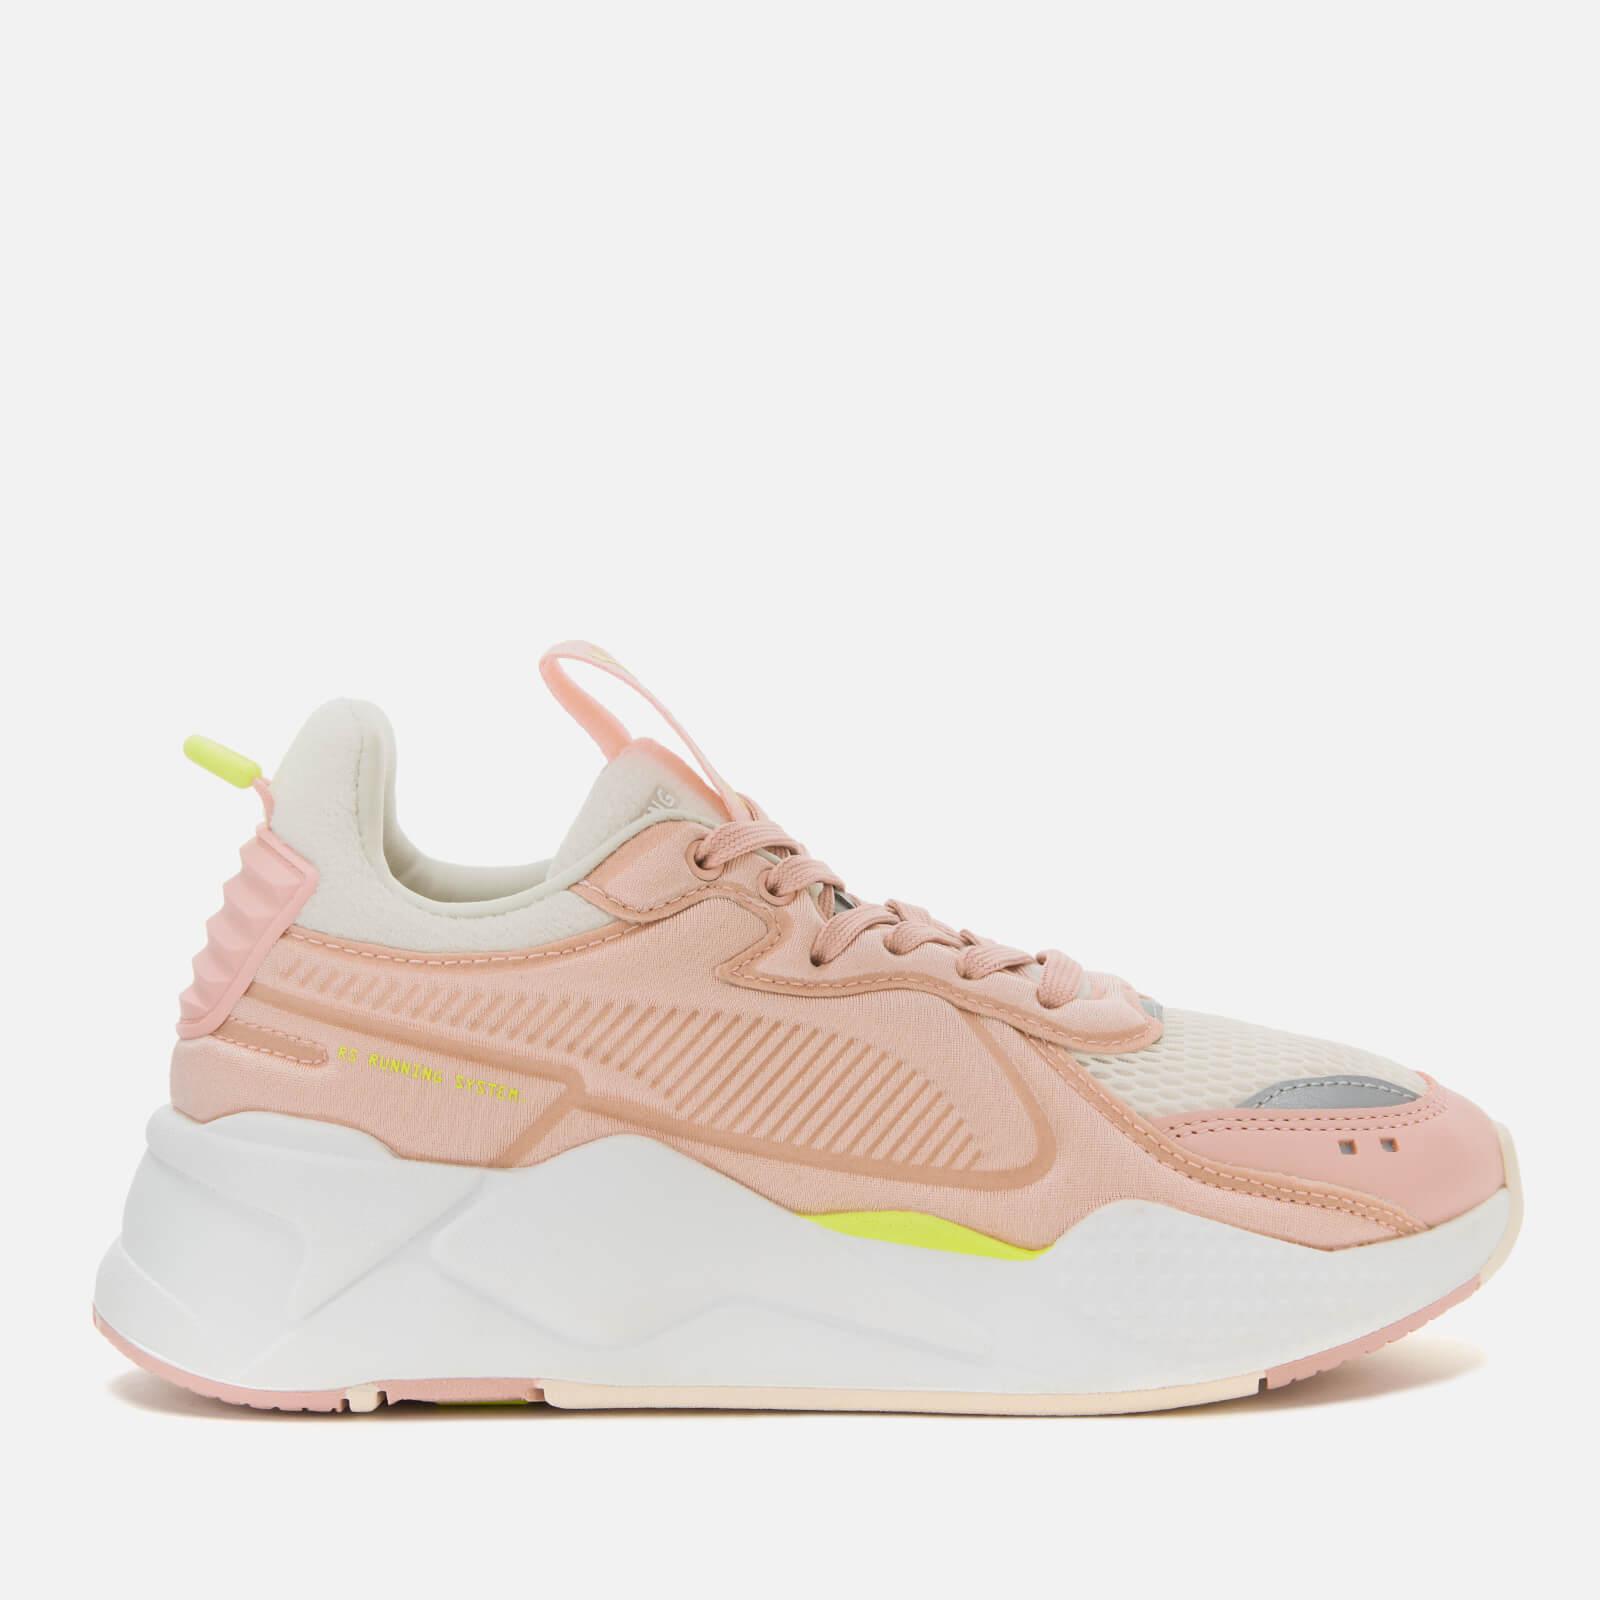 Puma Women's RS-X Soft Case Trainers - Bridal Rose/Pastel Parchment - UK 6 - Pink